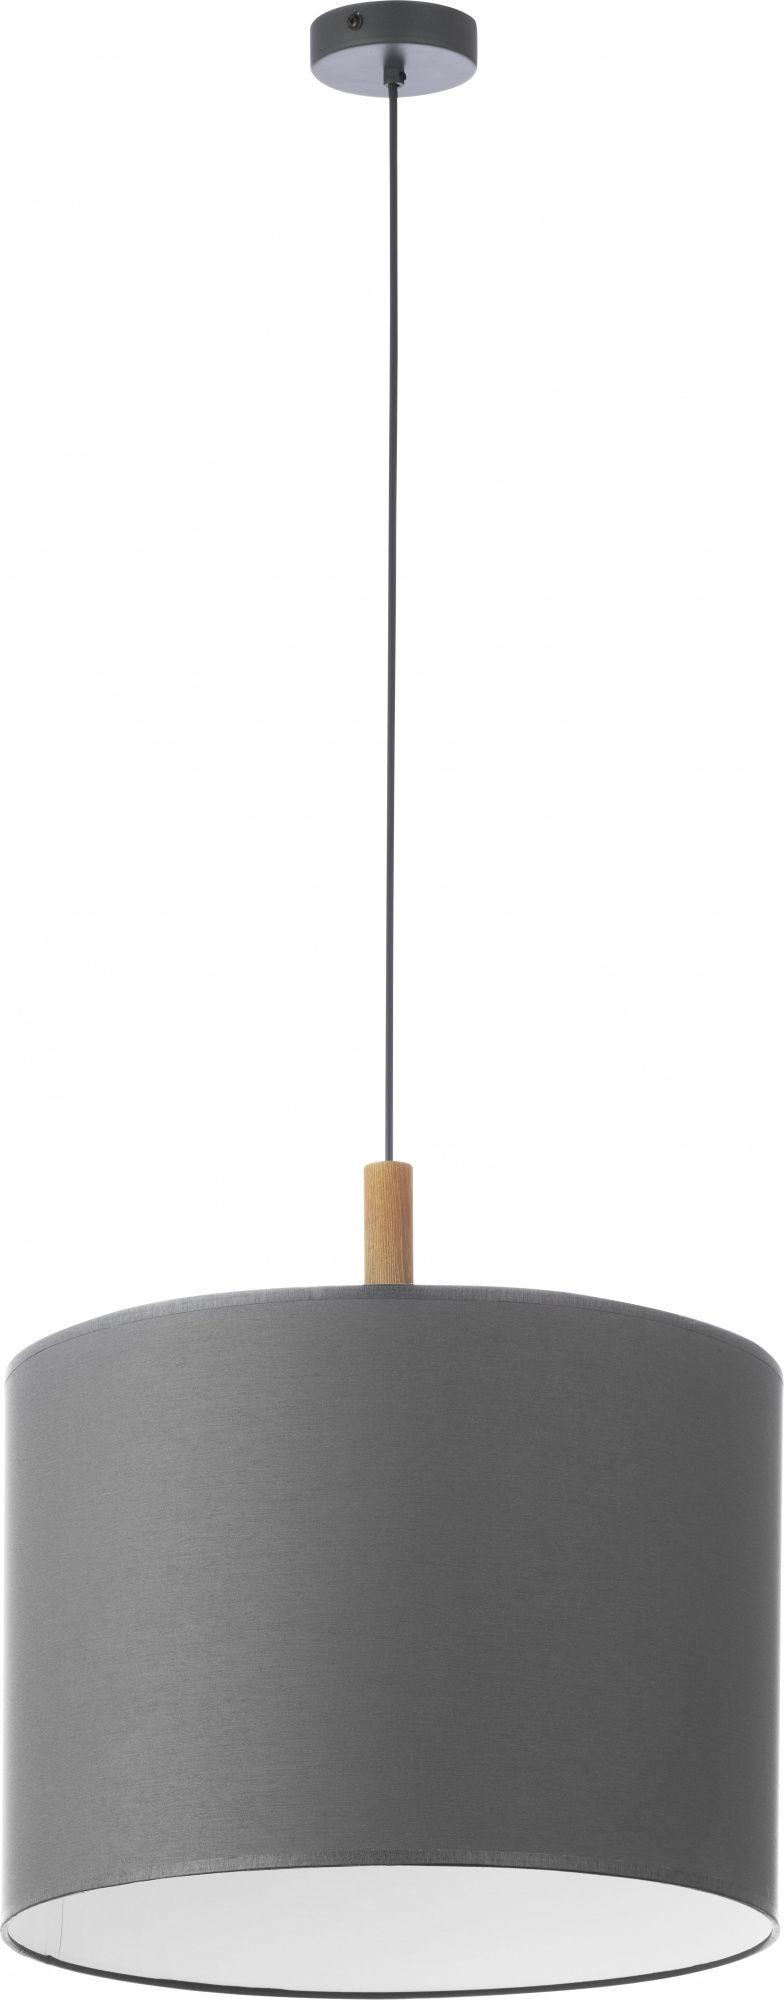 Lampa wisząca Deva 4109 TK Lighting nowoczesna oprawa w kolorze grafitu